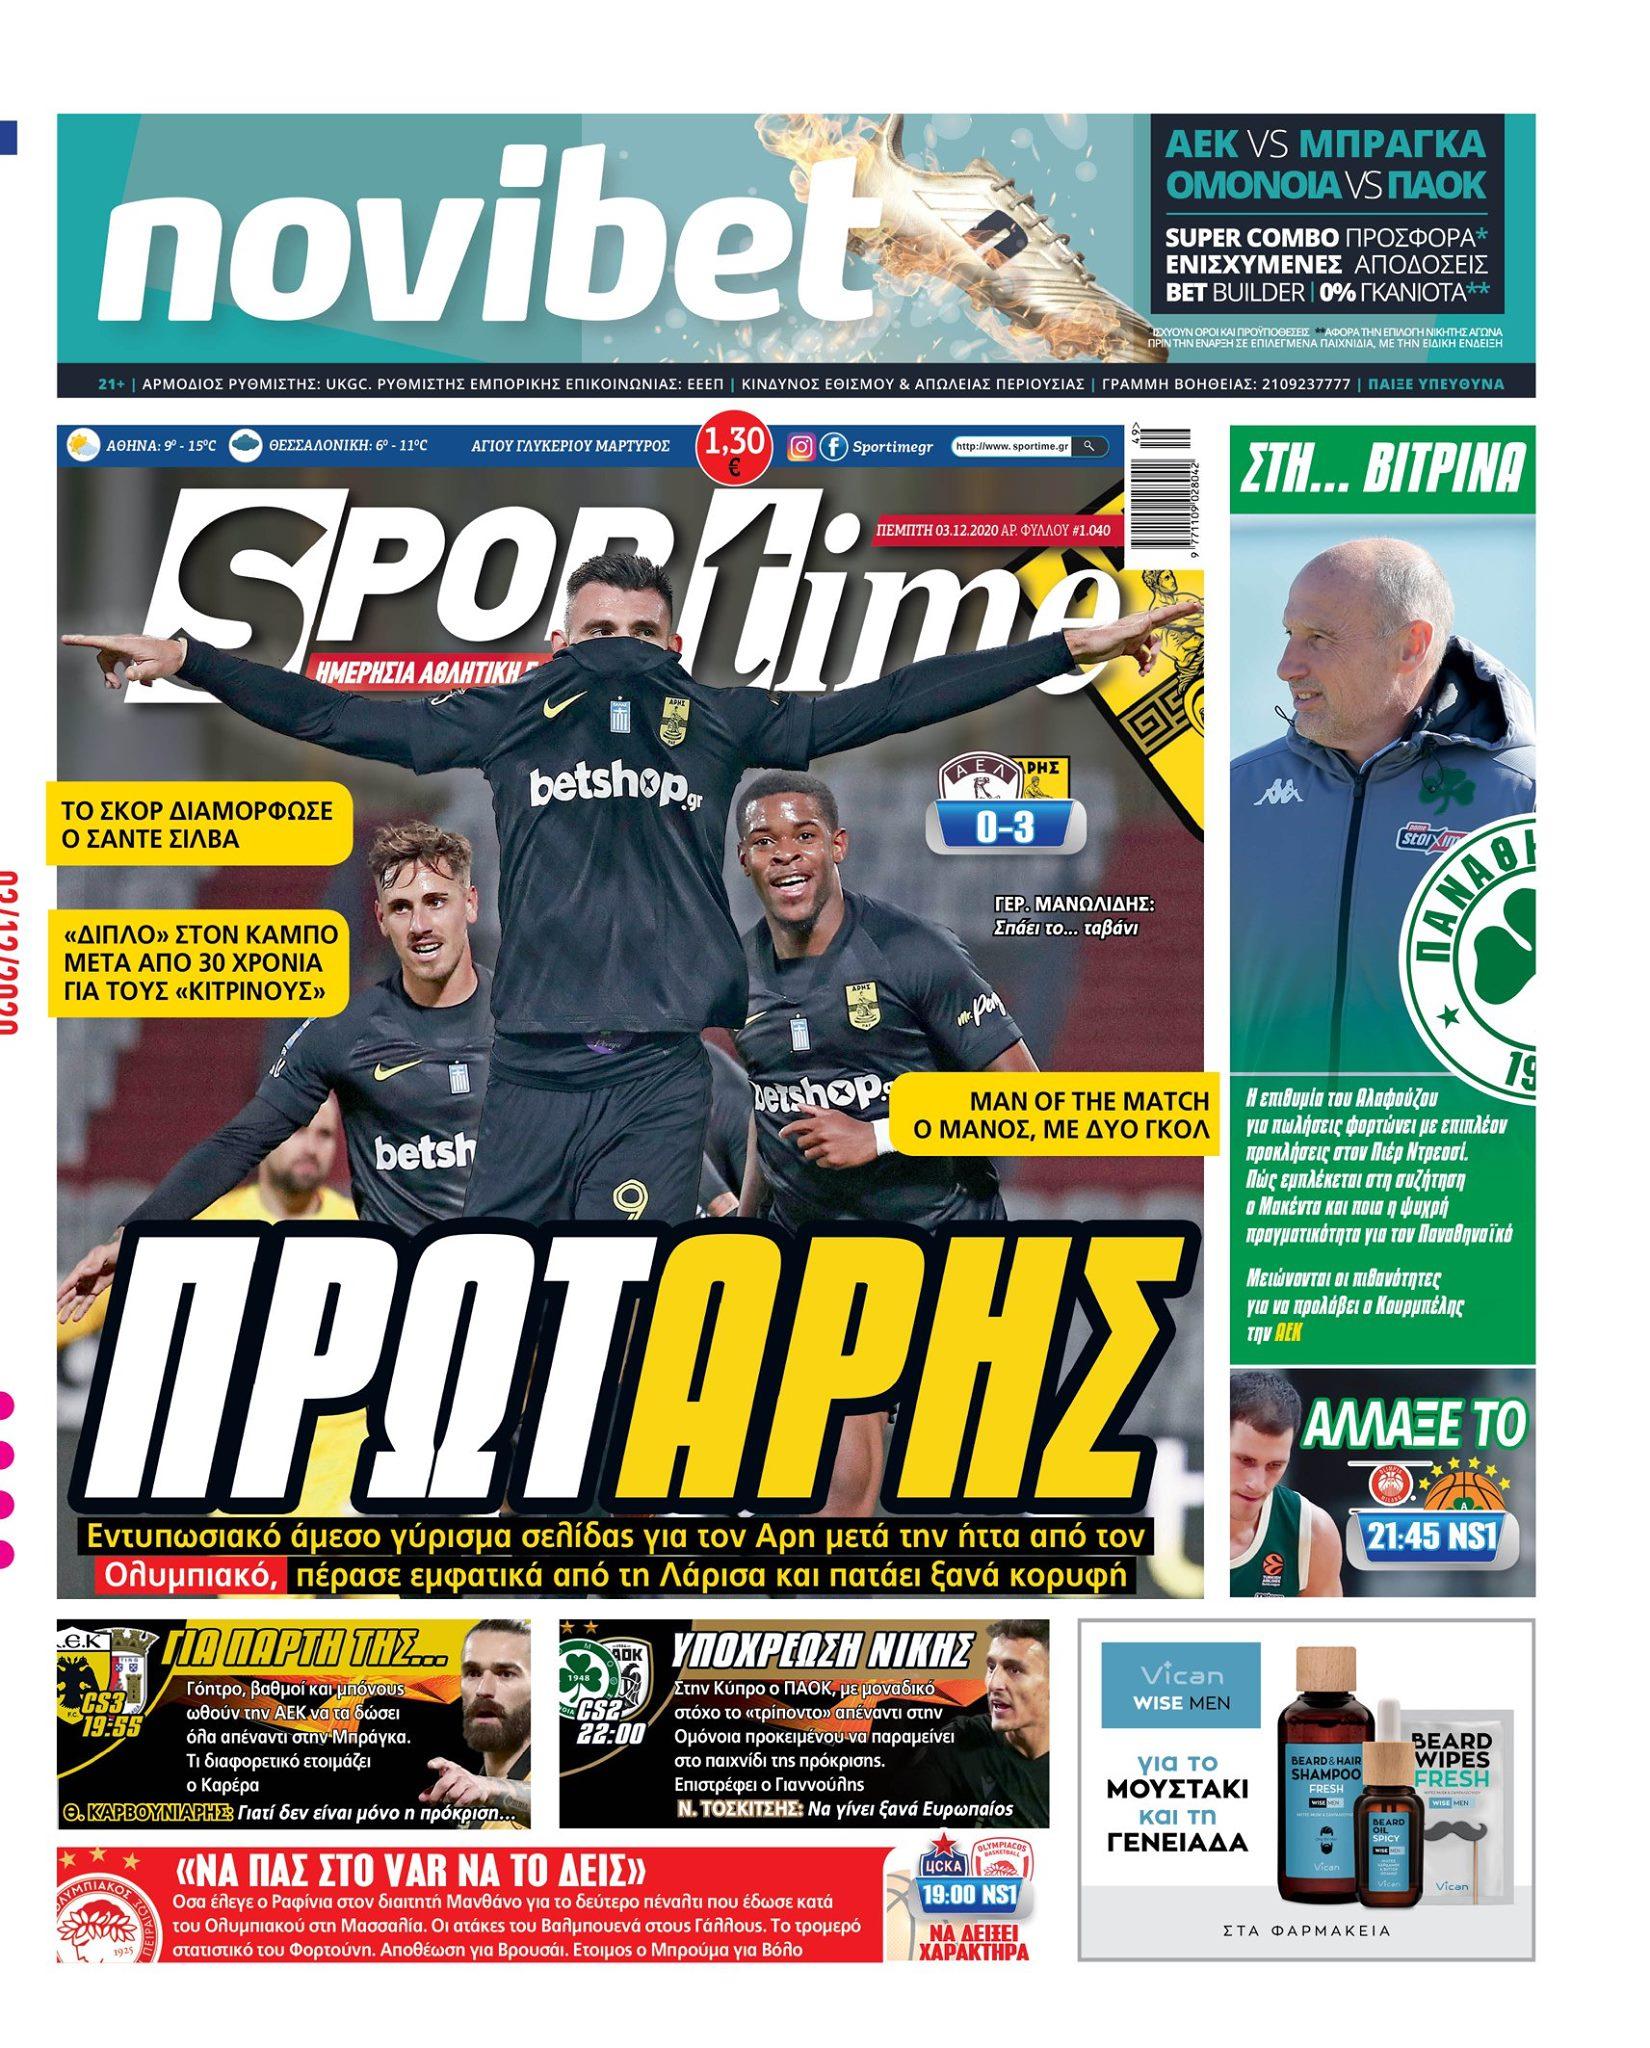 Εφημερίδα SPORTIME - Εξώφυλλο φύλλου 3/12/2020